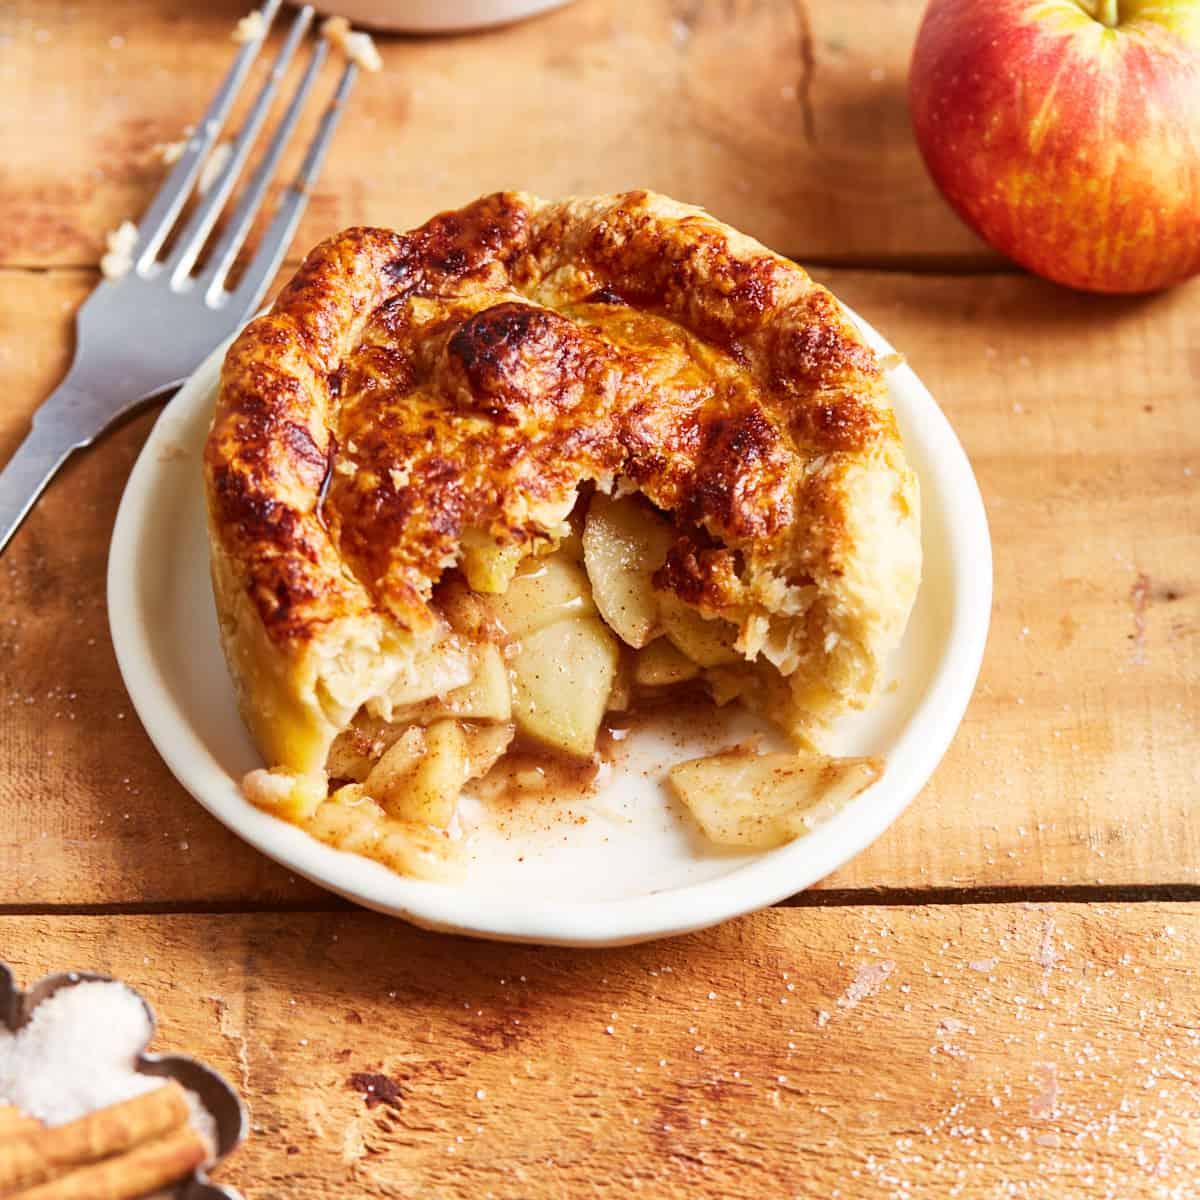 Half eaten mini apple pie on a plate